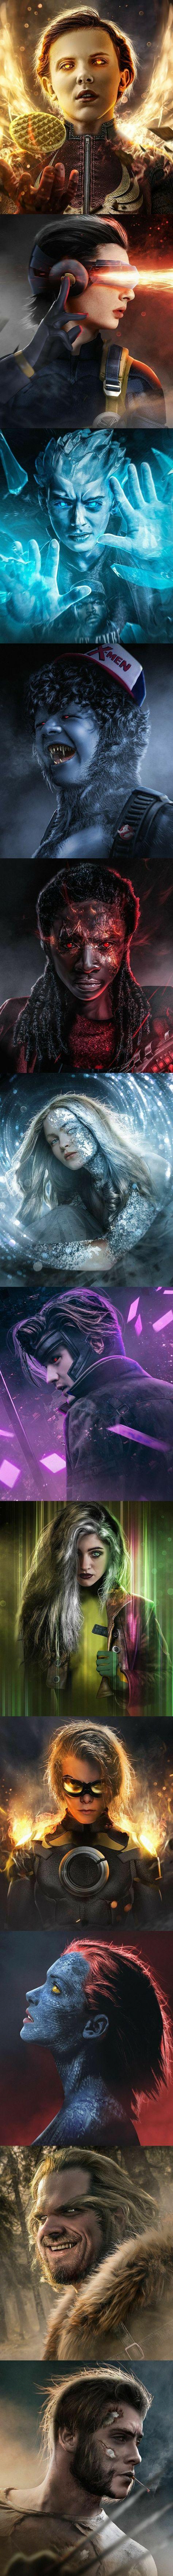 Nada que um photoshop resolva. Simplesmente amei a montagem, foi fiel a característica dos personagens. ^-^